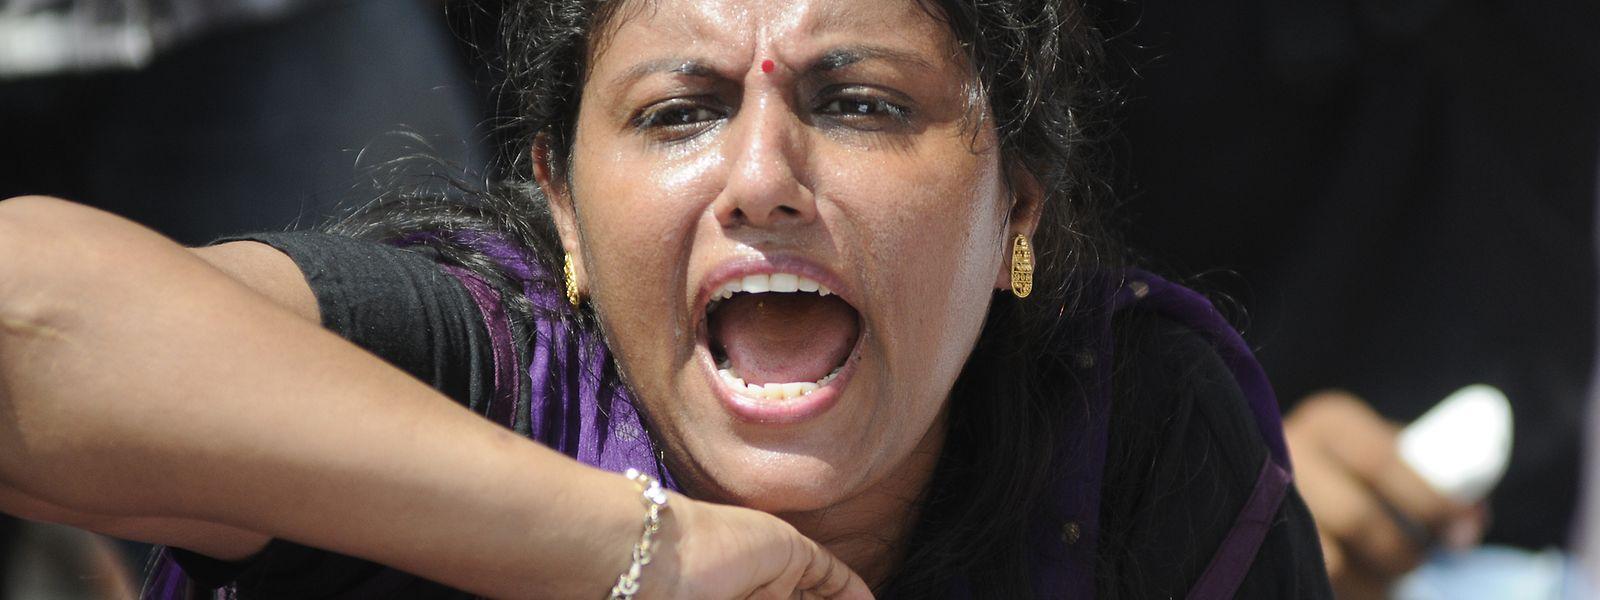 Die Frauen in Indien wollen endlich gehört werden. Ihr Land ist das gefährlichste der Welt mit Täglich  mehr als 100 Vergewaltigungen am Tag.